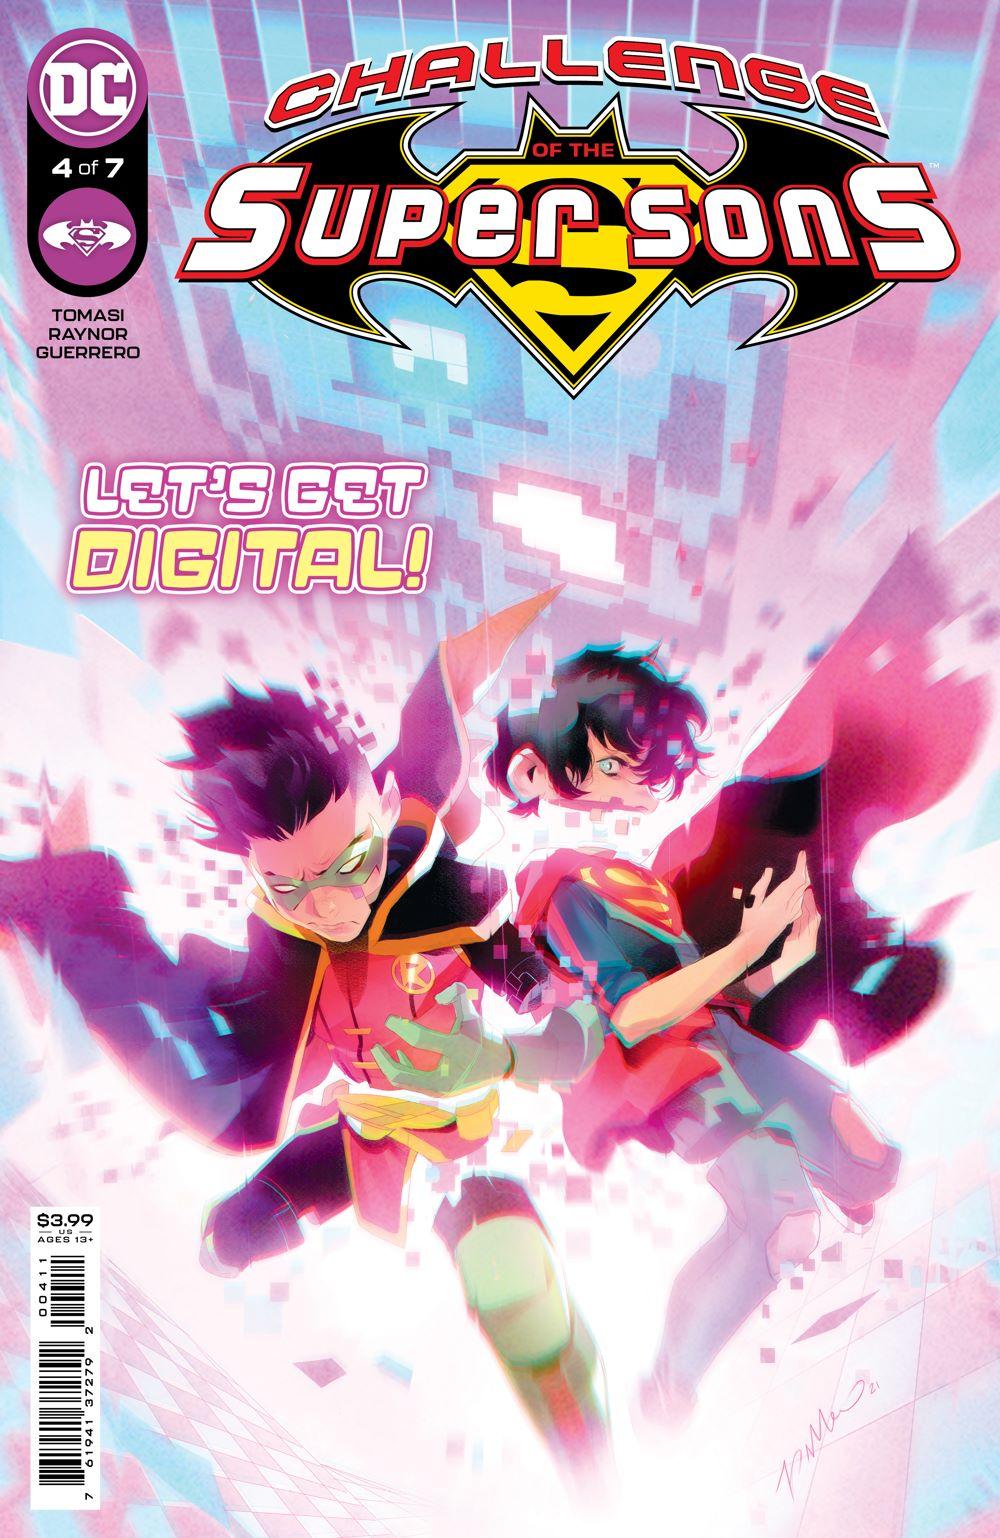 COTSuperSons_Cv4 DC Comics July 2021 Solicitations